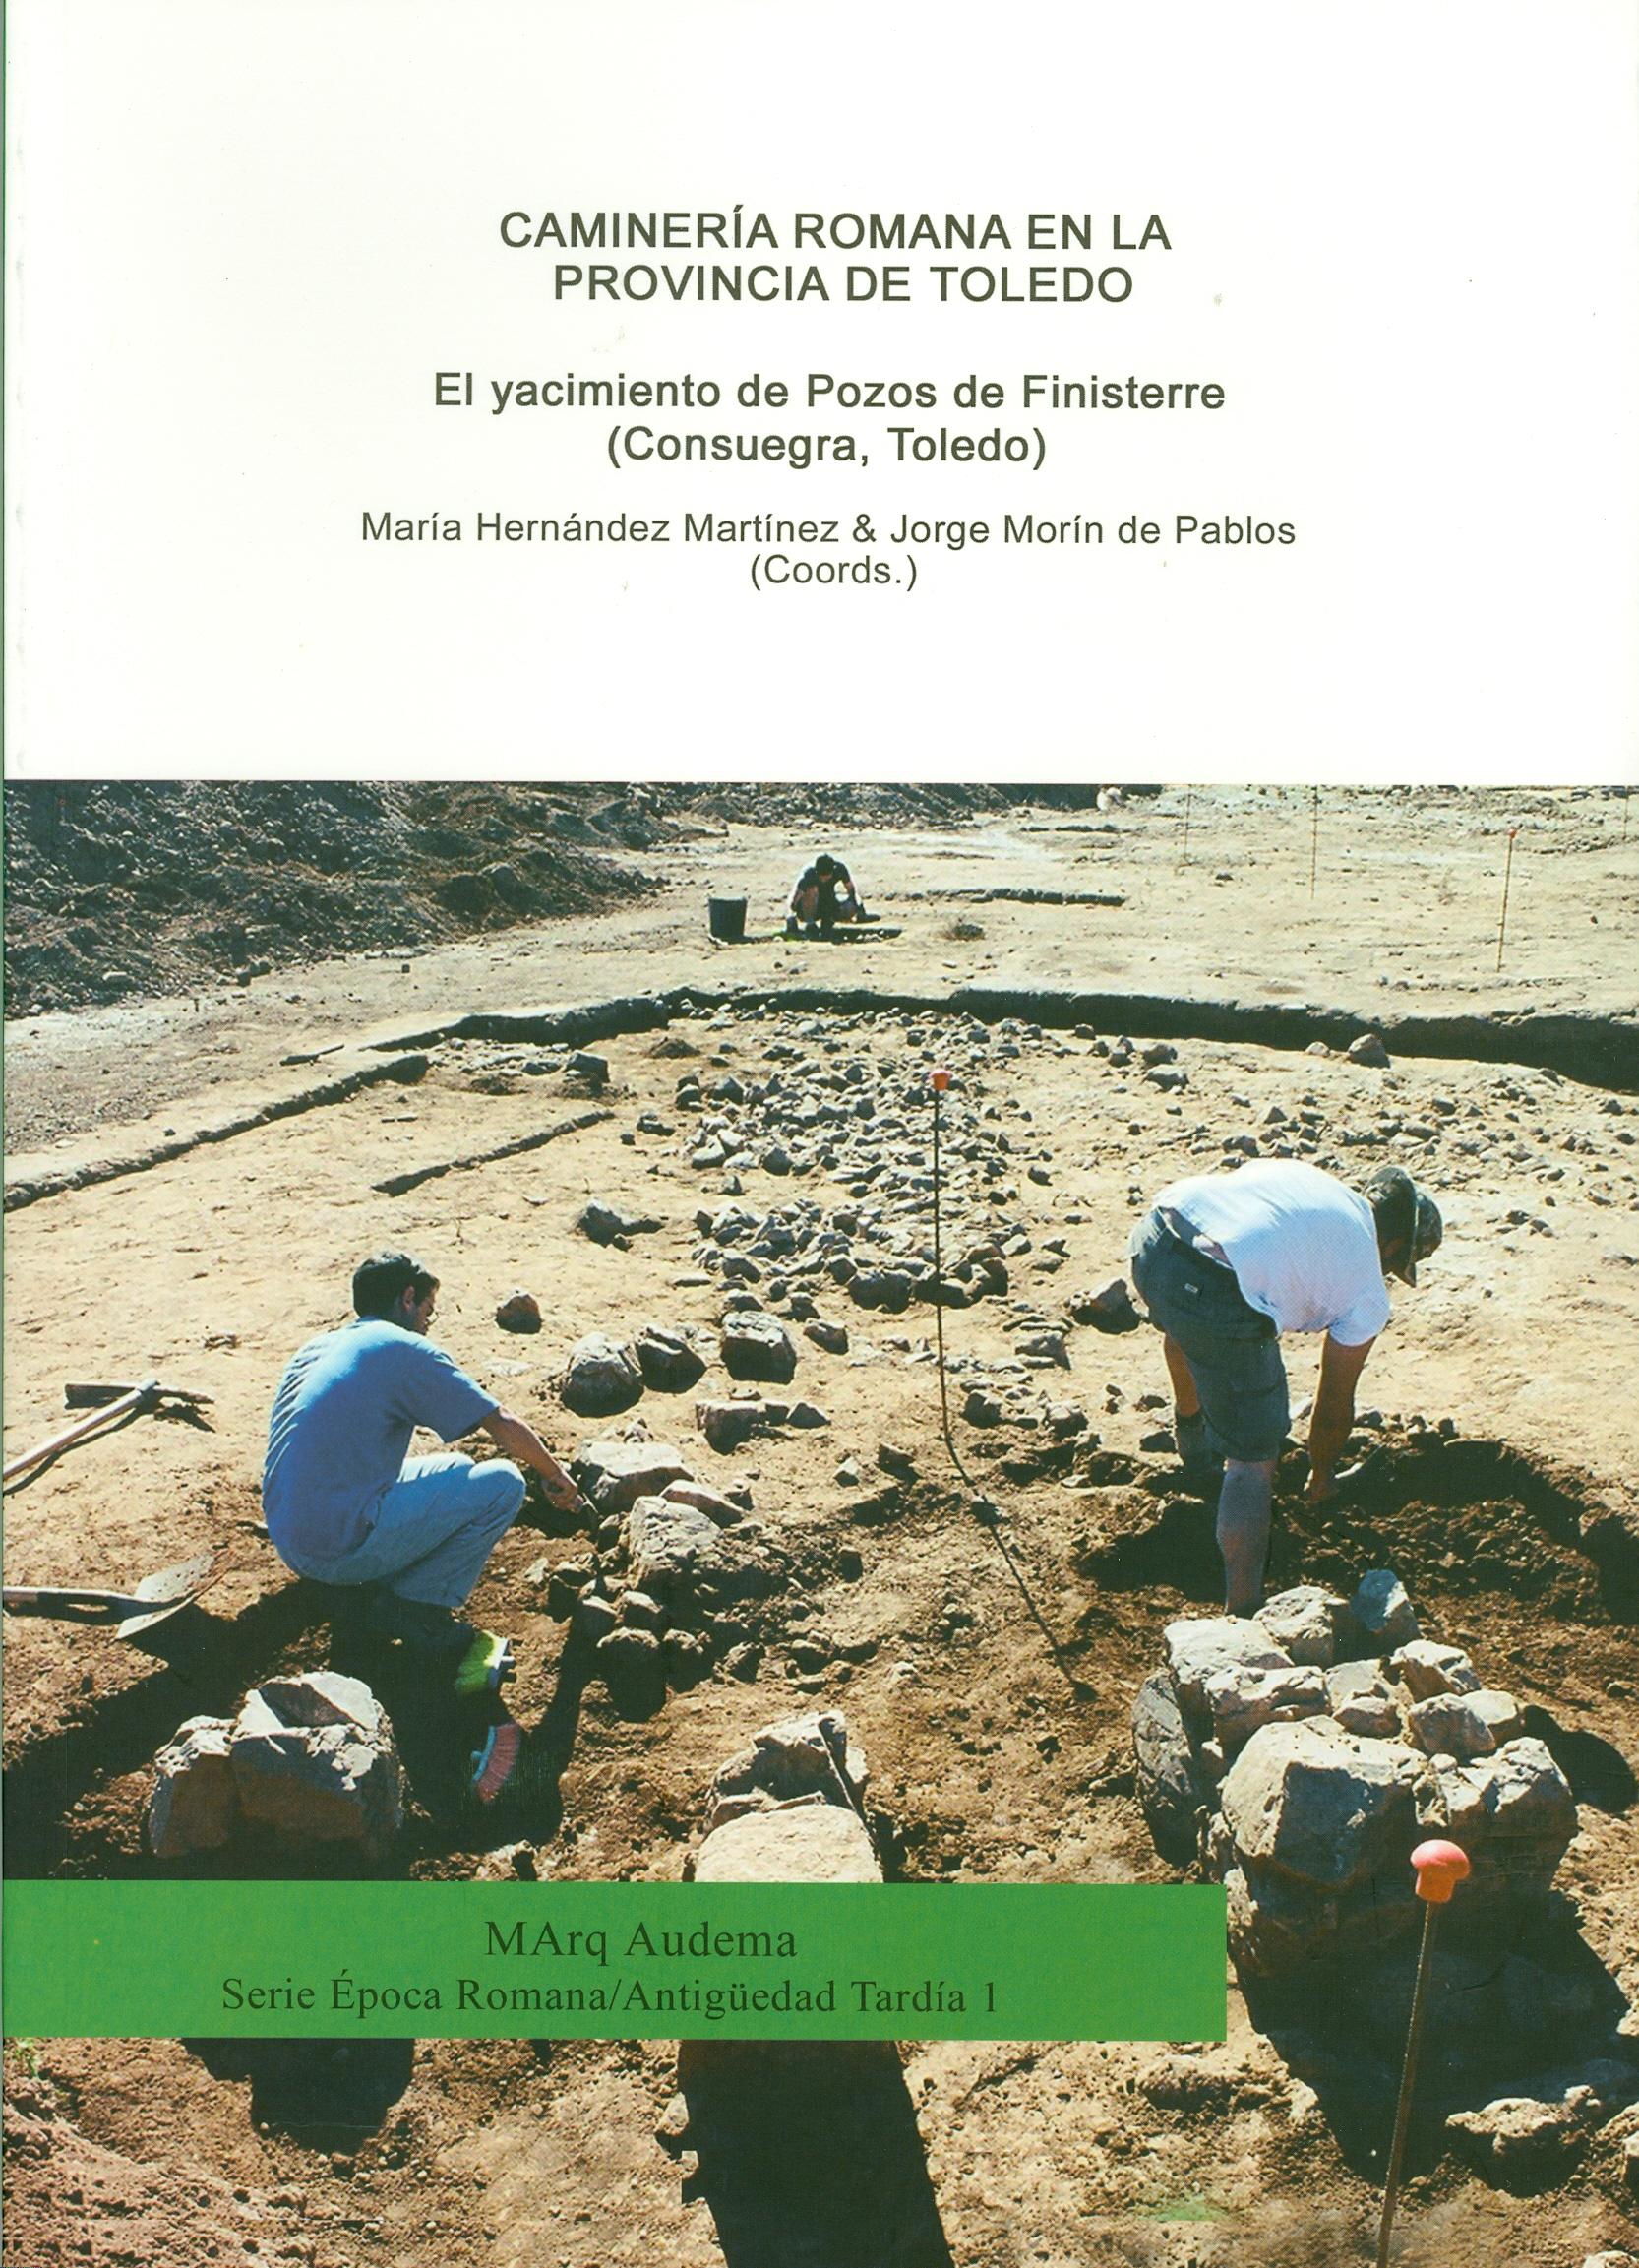 Caminería romana en la provincia de Toledo